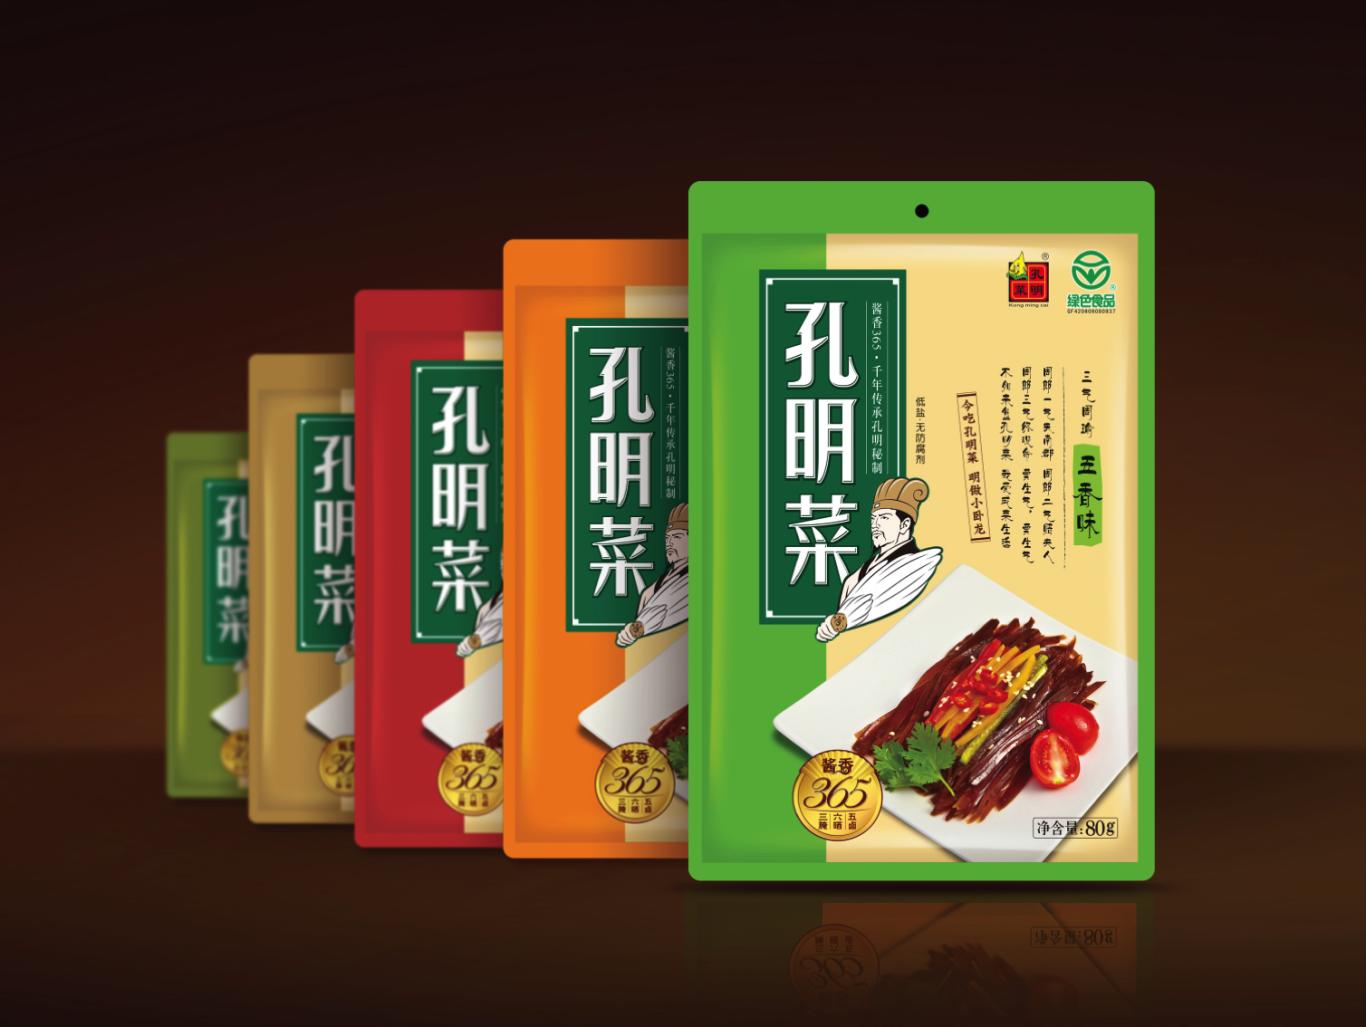 襄阳孔明菜系列产品包装设计图3